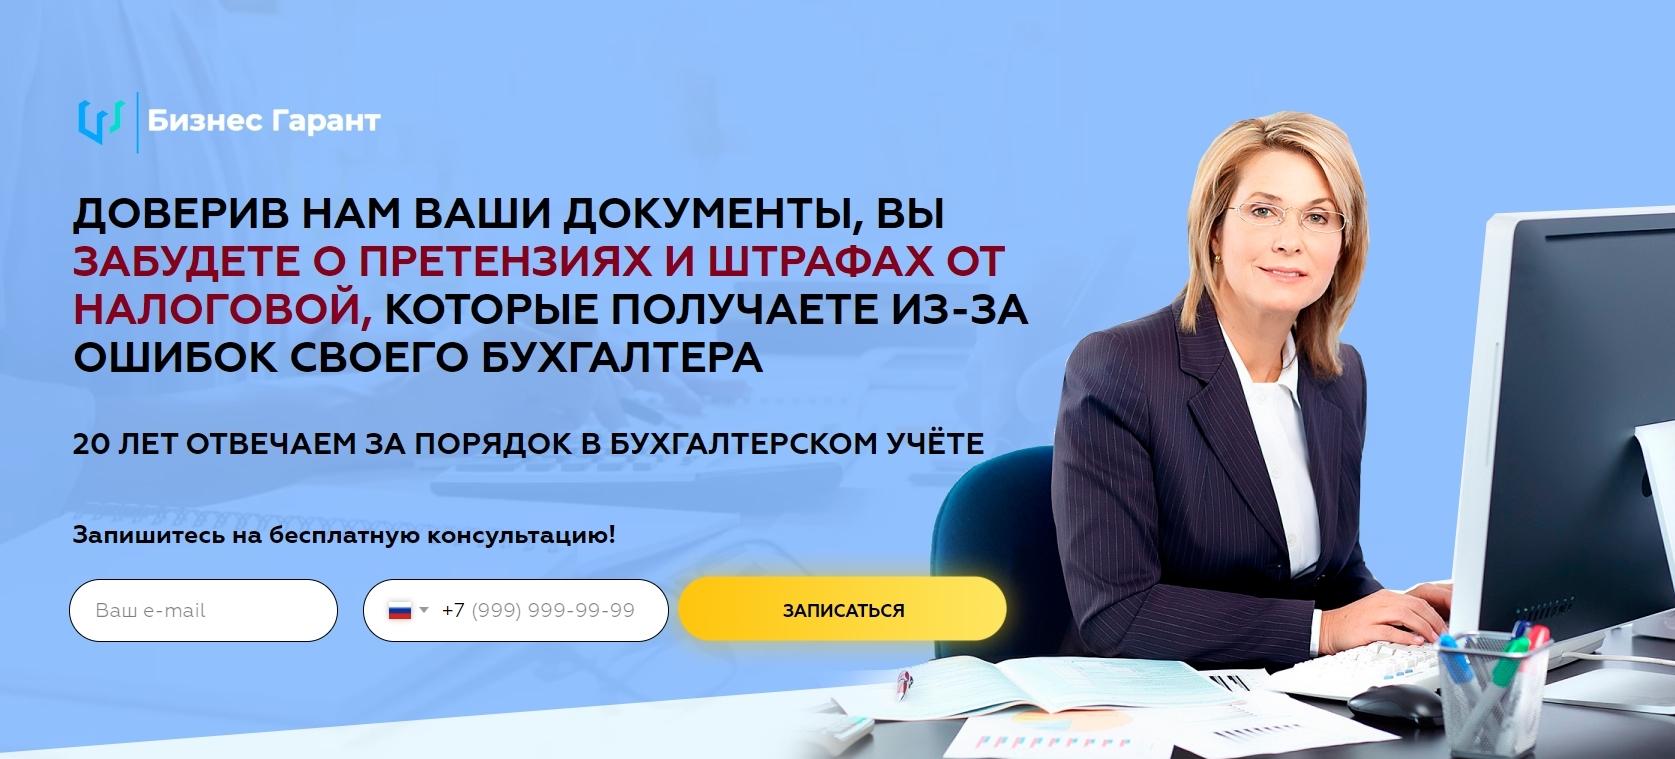 Гарант бухгалтерские услуги отзывы услуги частного бухгалтера сайт